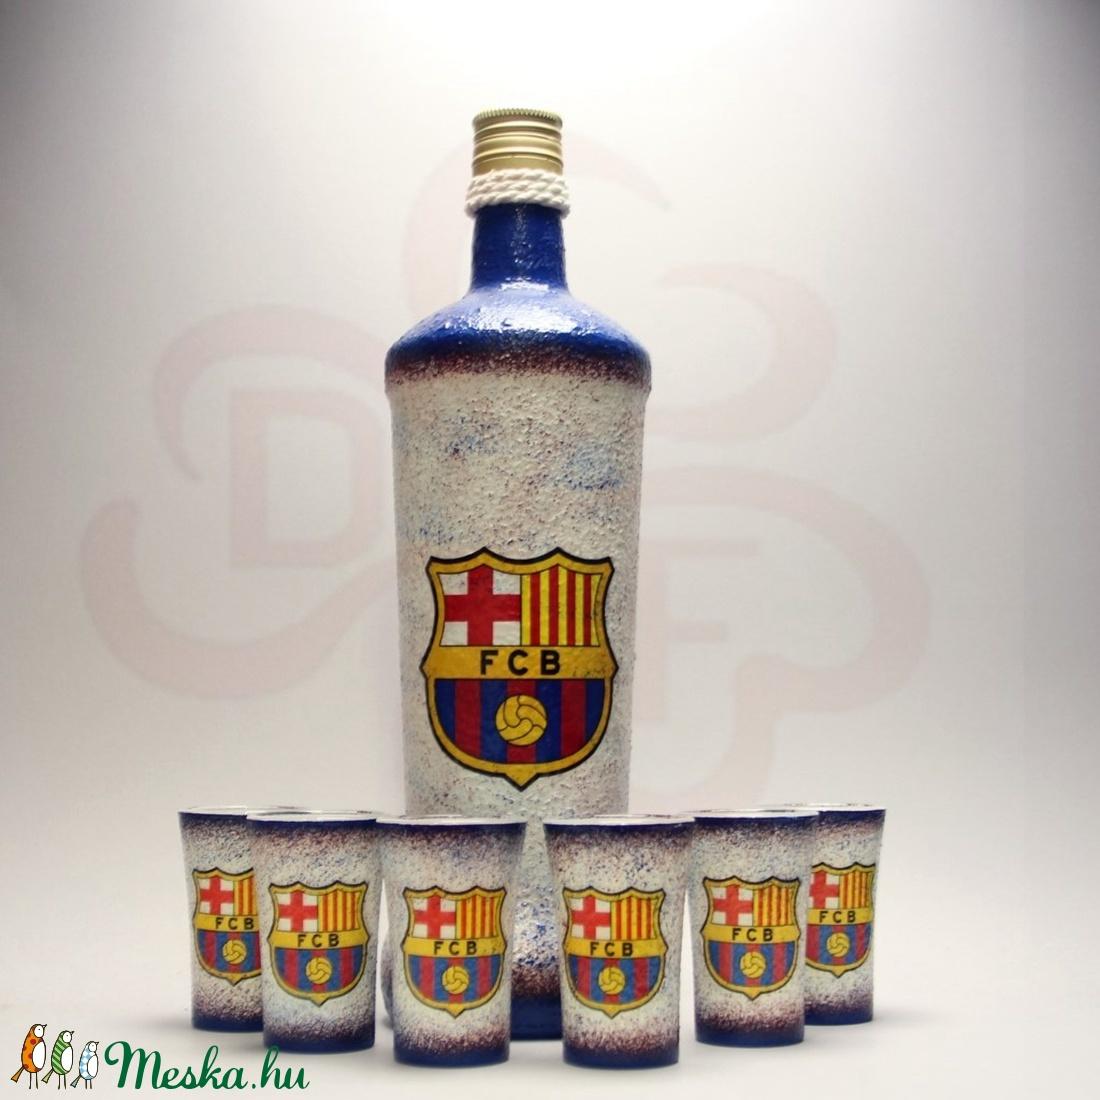 FC Barcelona pálinkás készlet ; Barcelona futball szurkolóknak - Meska.hu